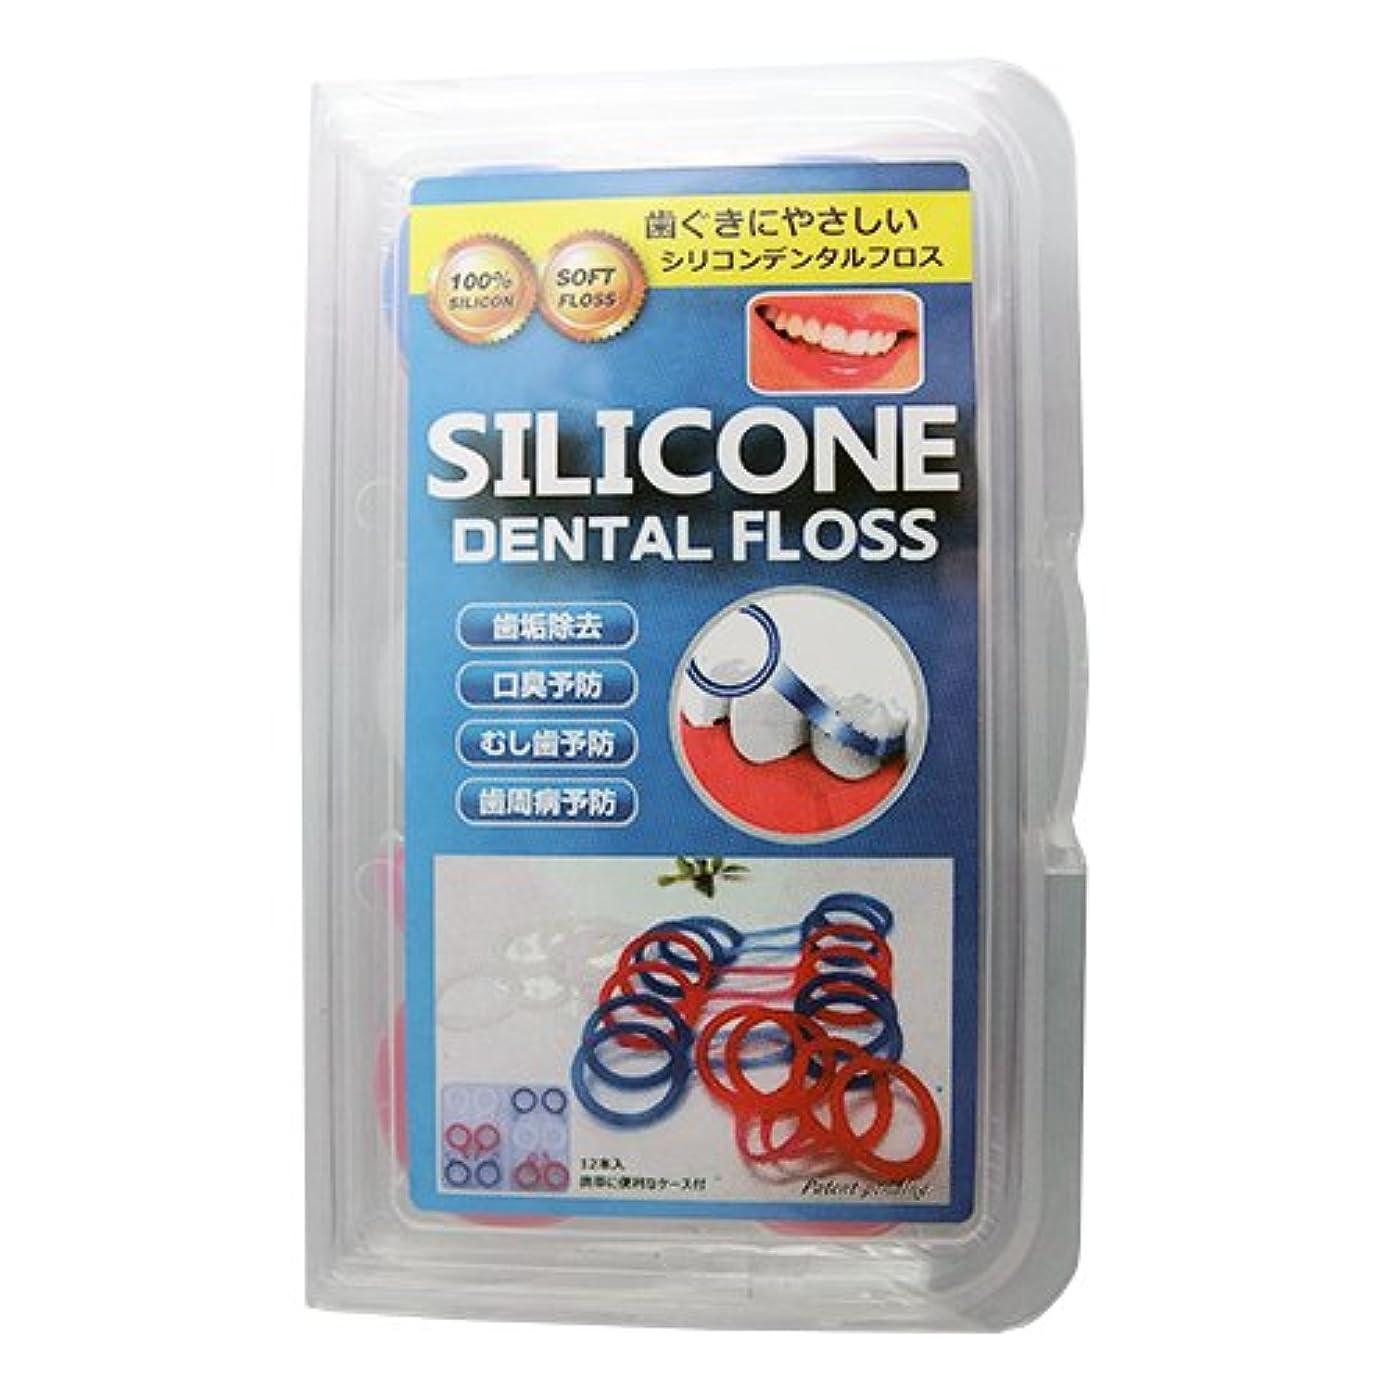 ジョージスティーブンソンストレス増幅器マイクロテック シリコンデンタルフロス 1箱(12本入)